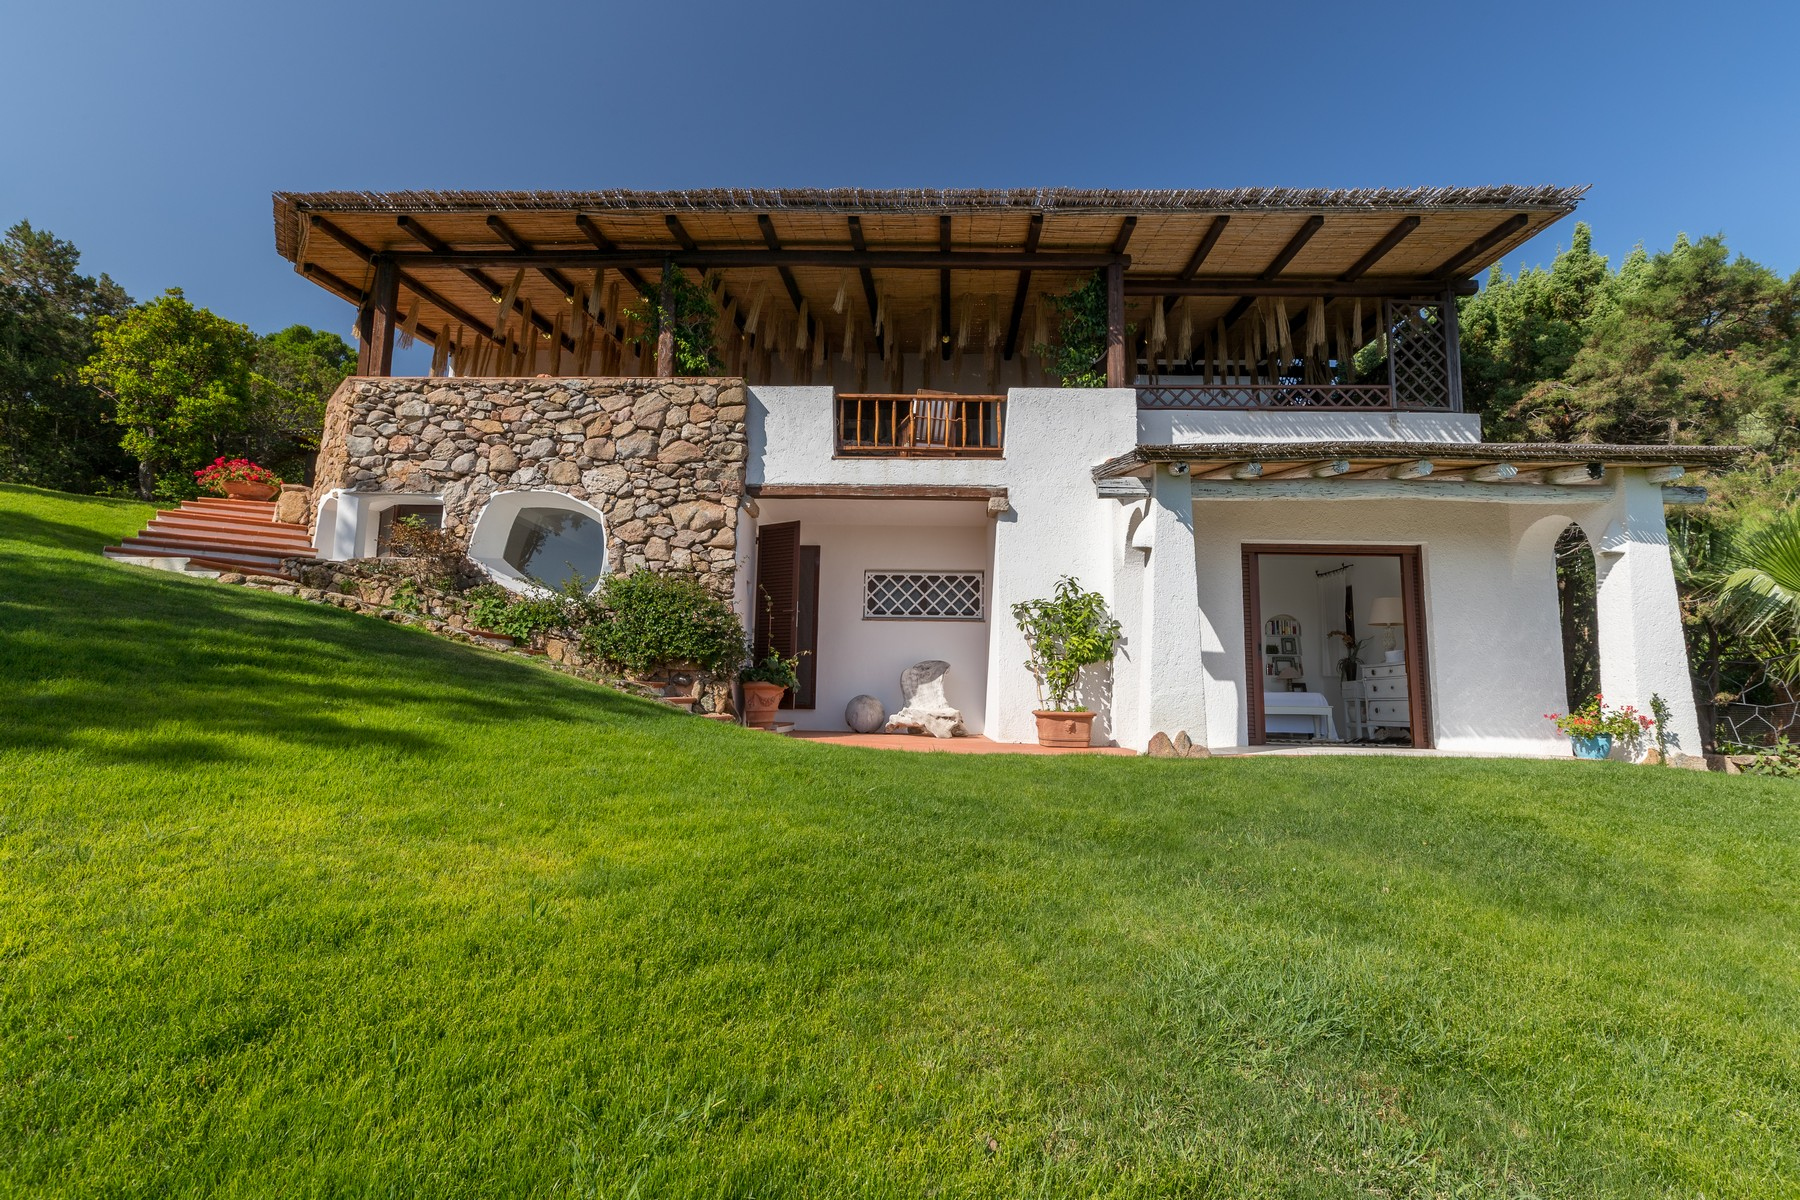 Villa in Vendita a Arzachena: 5 locali, 220 mq - Foto 2